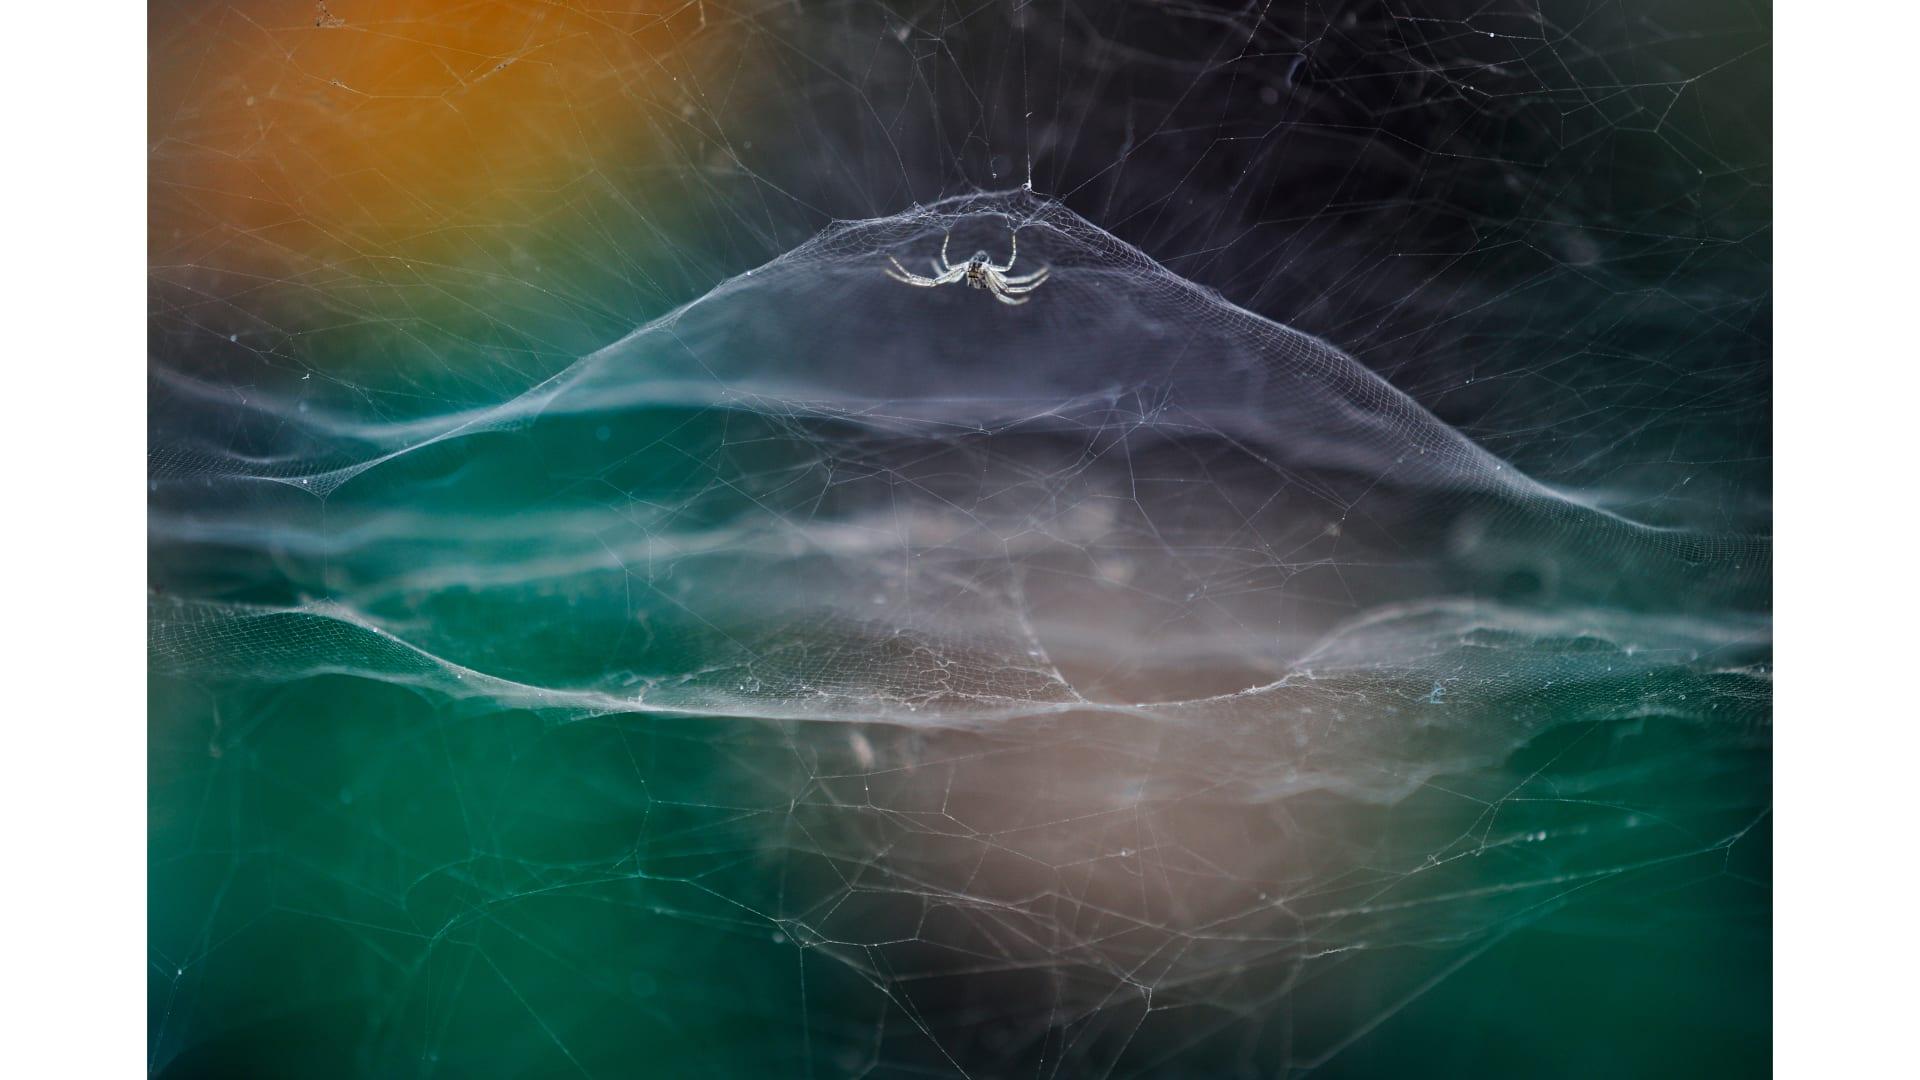 بينها لقطة لغوريلا تستحم تحت المطر بعدسة مصور كويتي.. إليك أبرز الصور من مسابقة مصور الحياة البرية لعام 2021